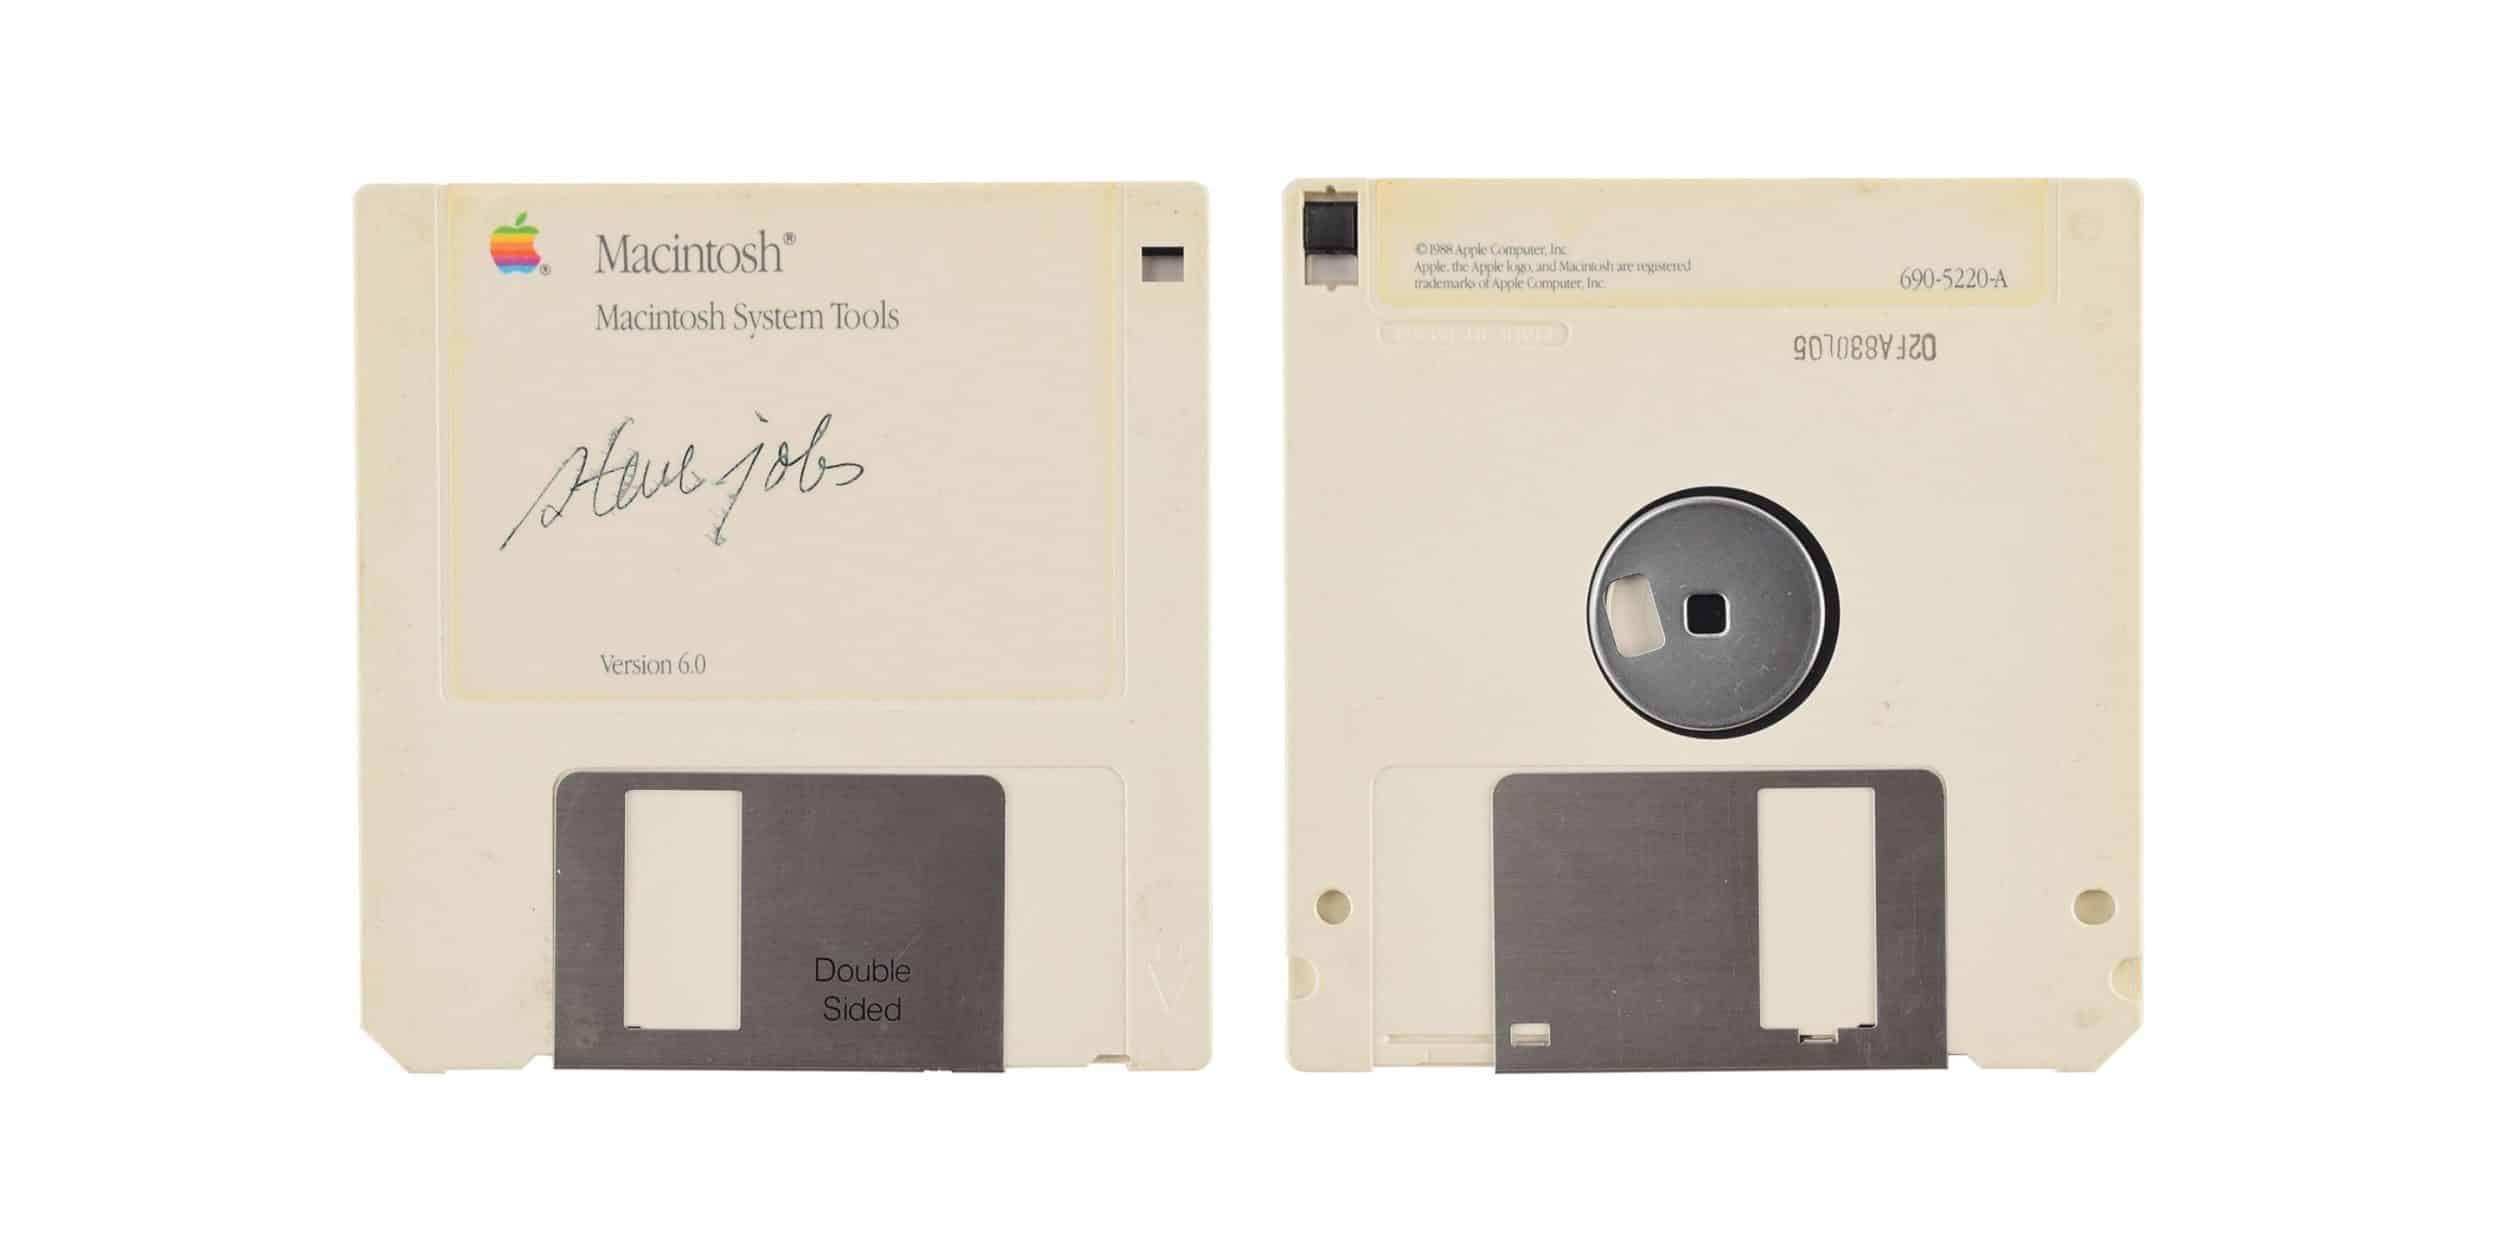 Floppy disk signed by Steve Jobs